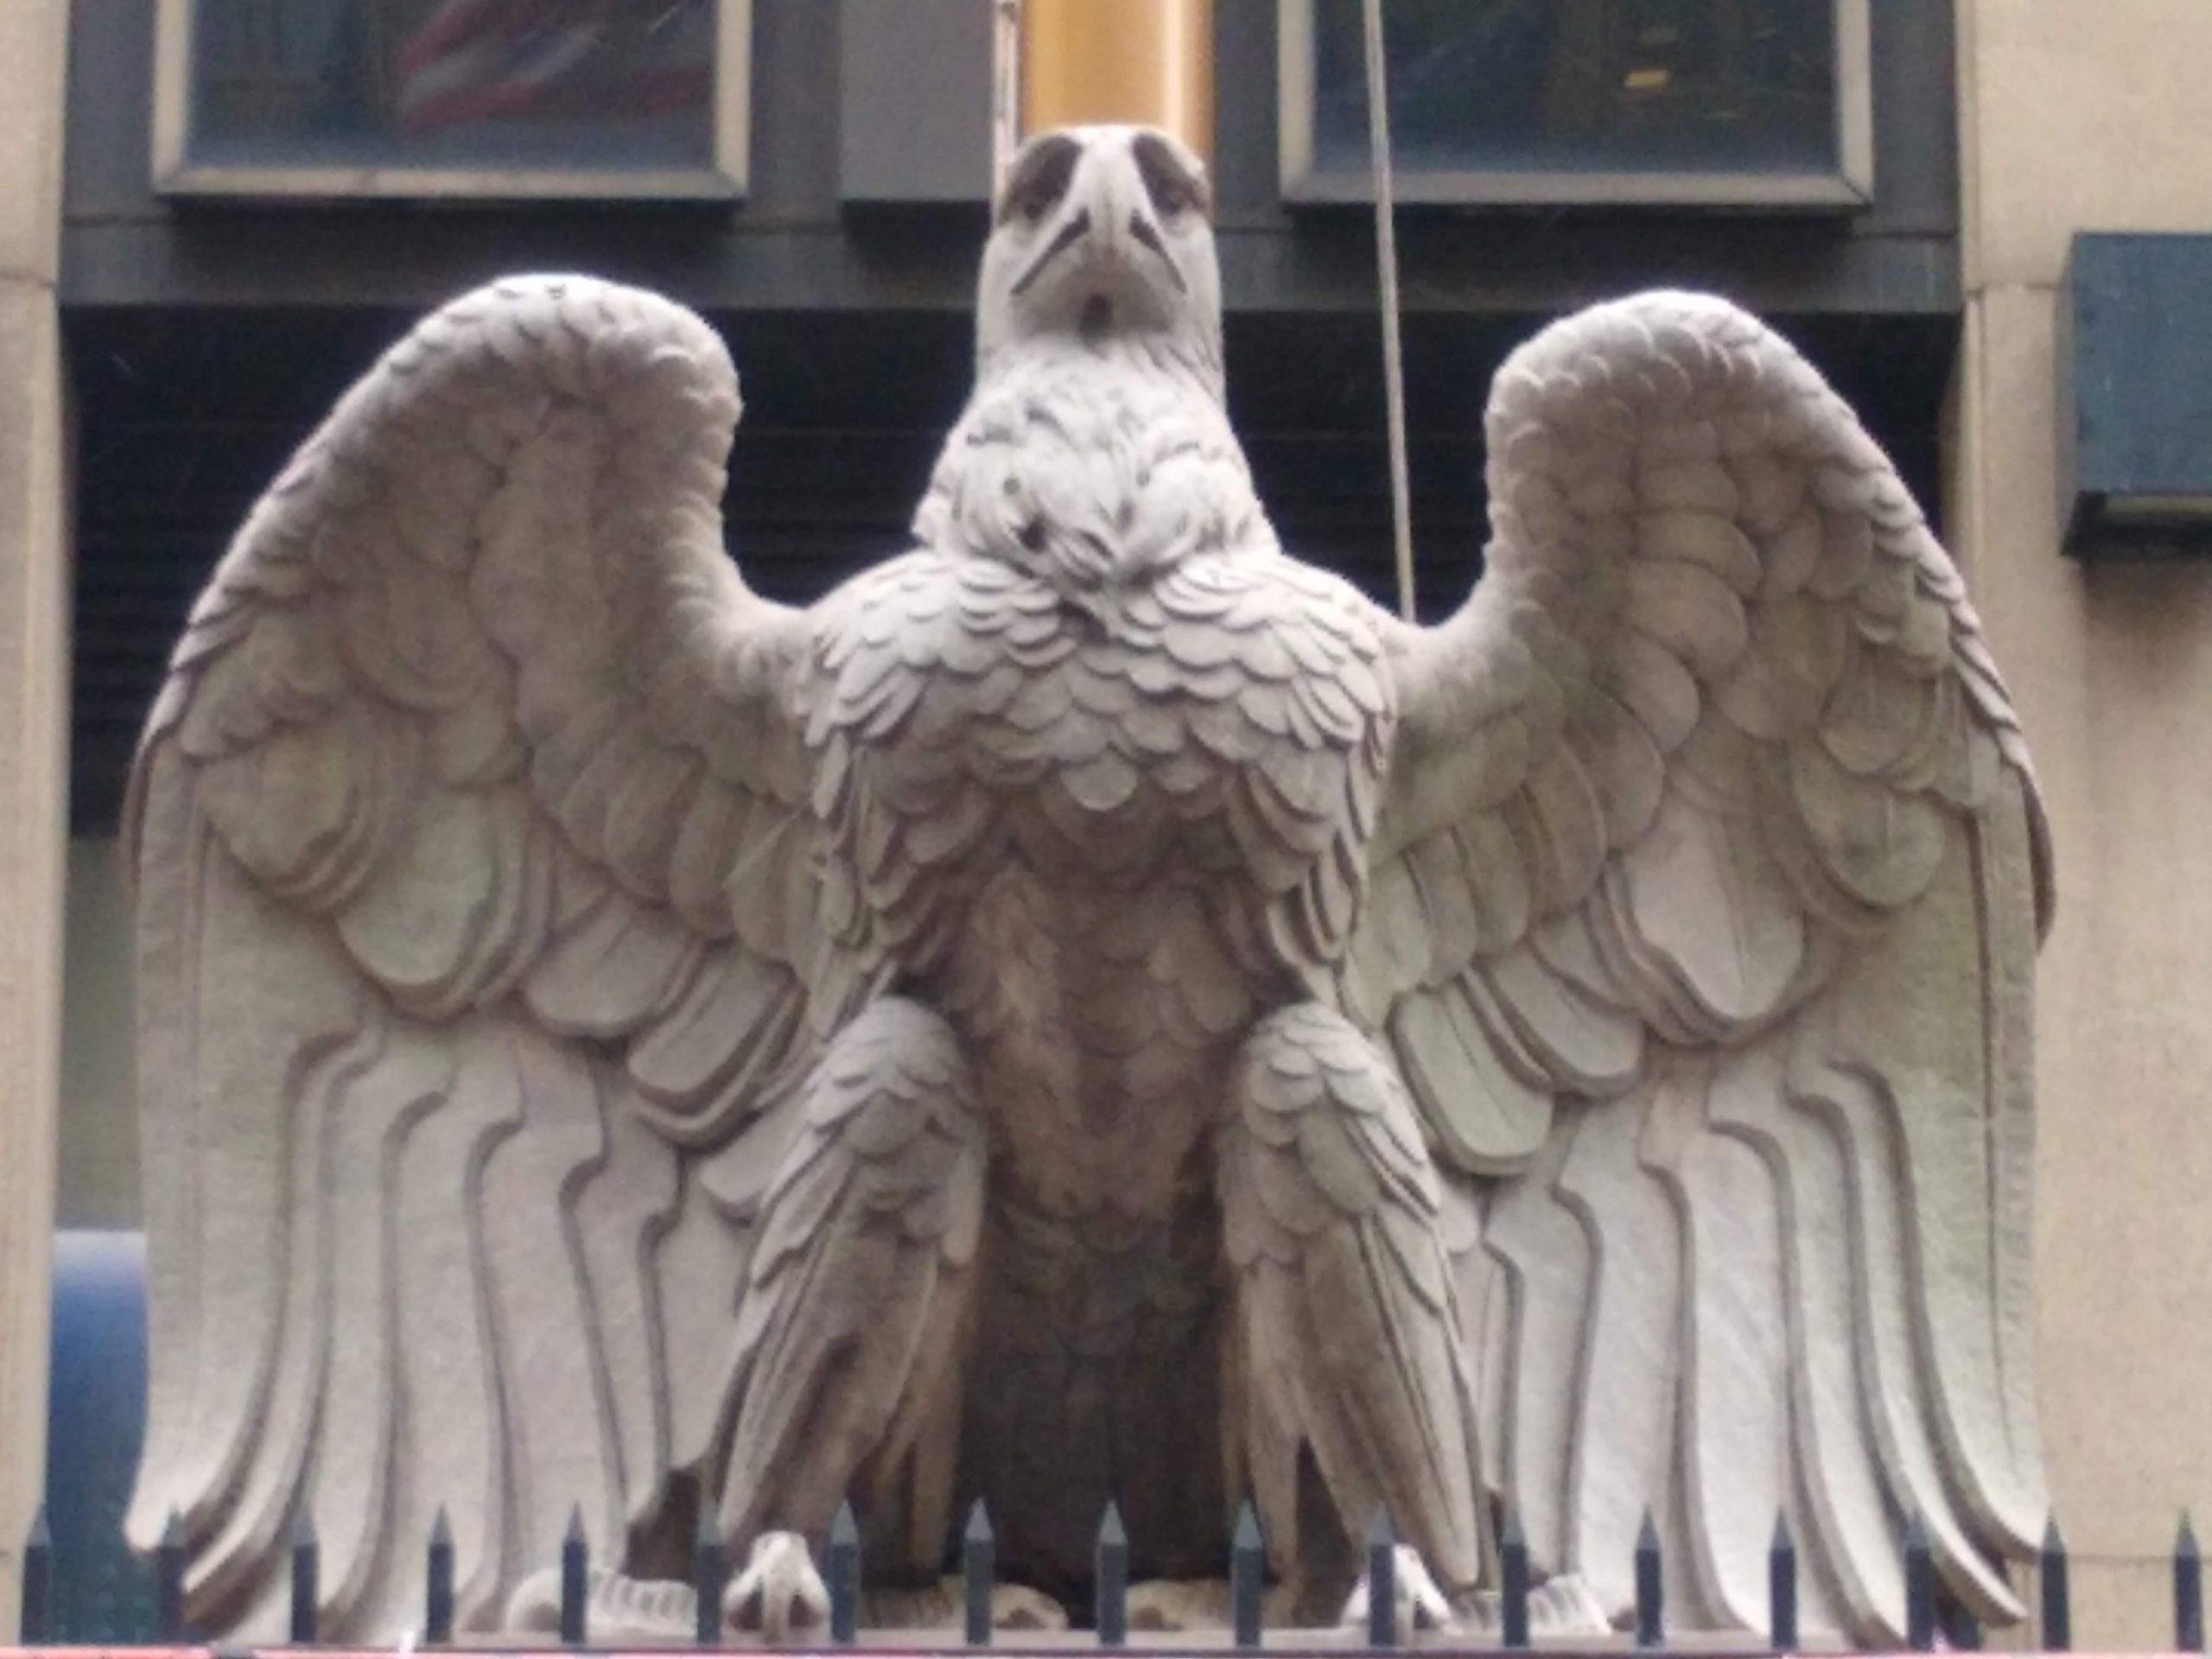 Old Penn Station eagle